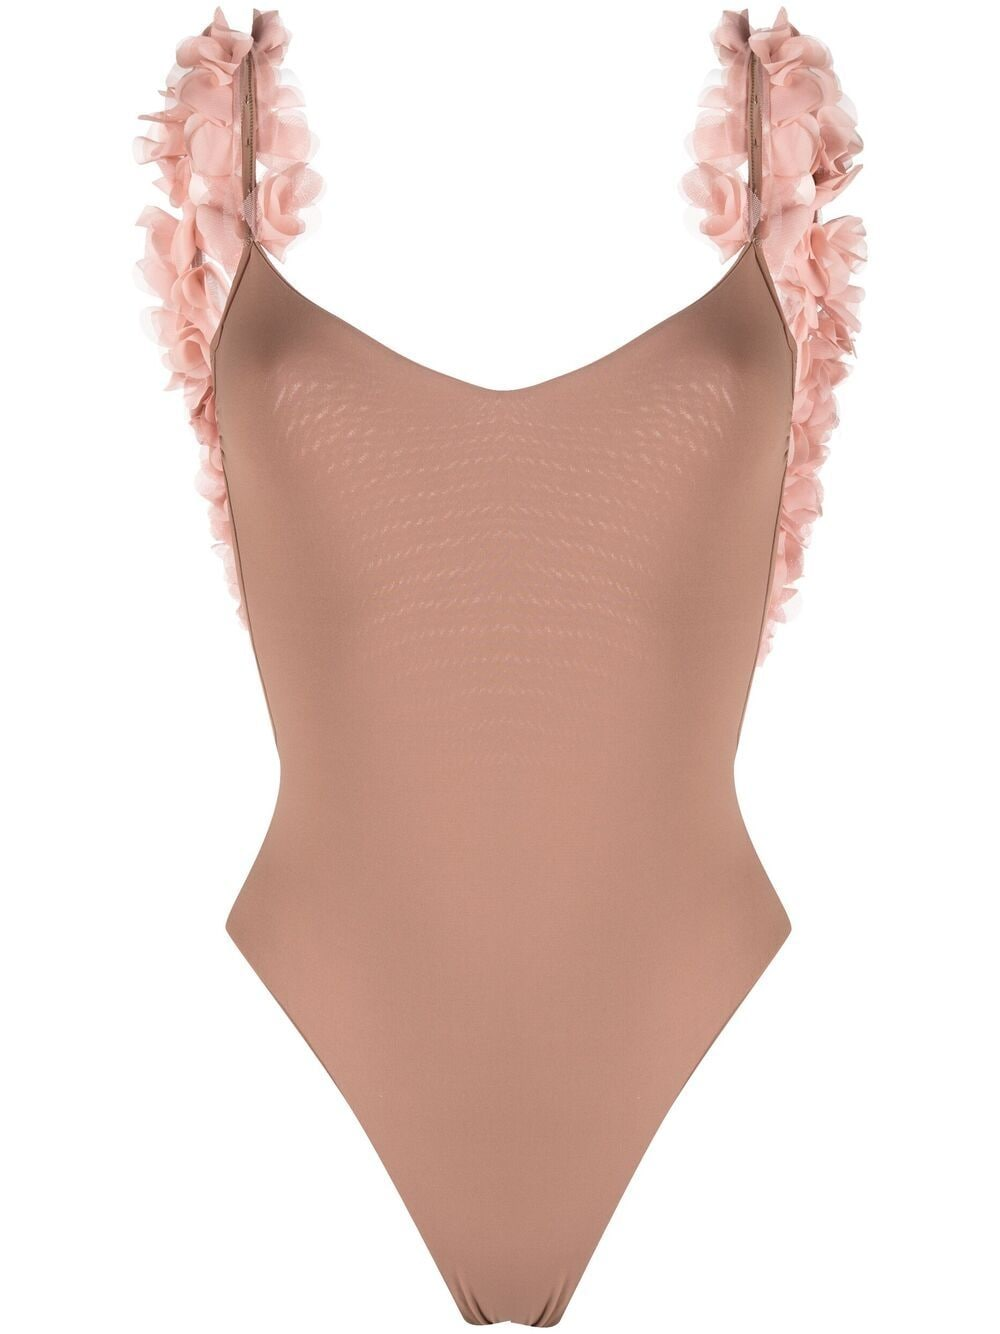 Costume da bagno intero Amira marrone sabbia con applicazioni floreali rosa LA REVECHE | Costumi | AMIRASAND